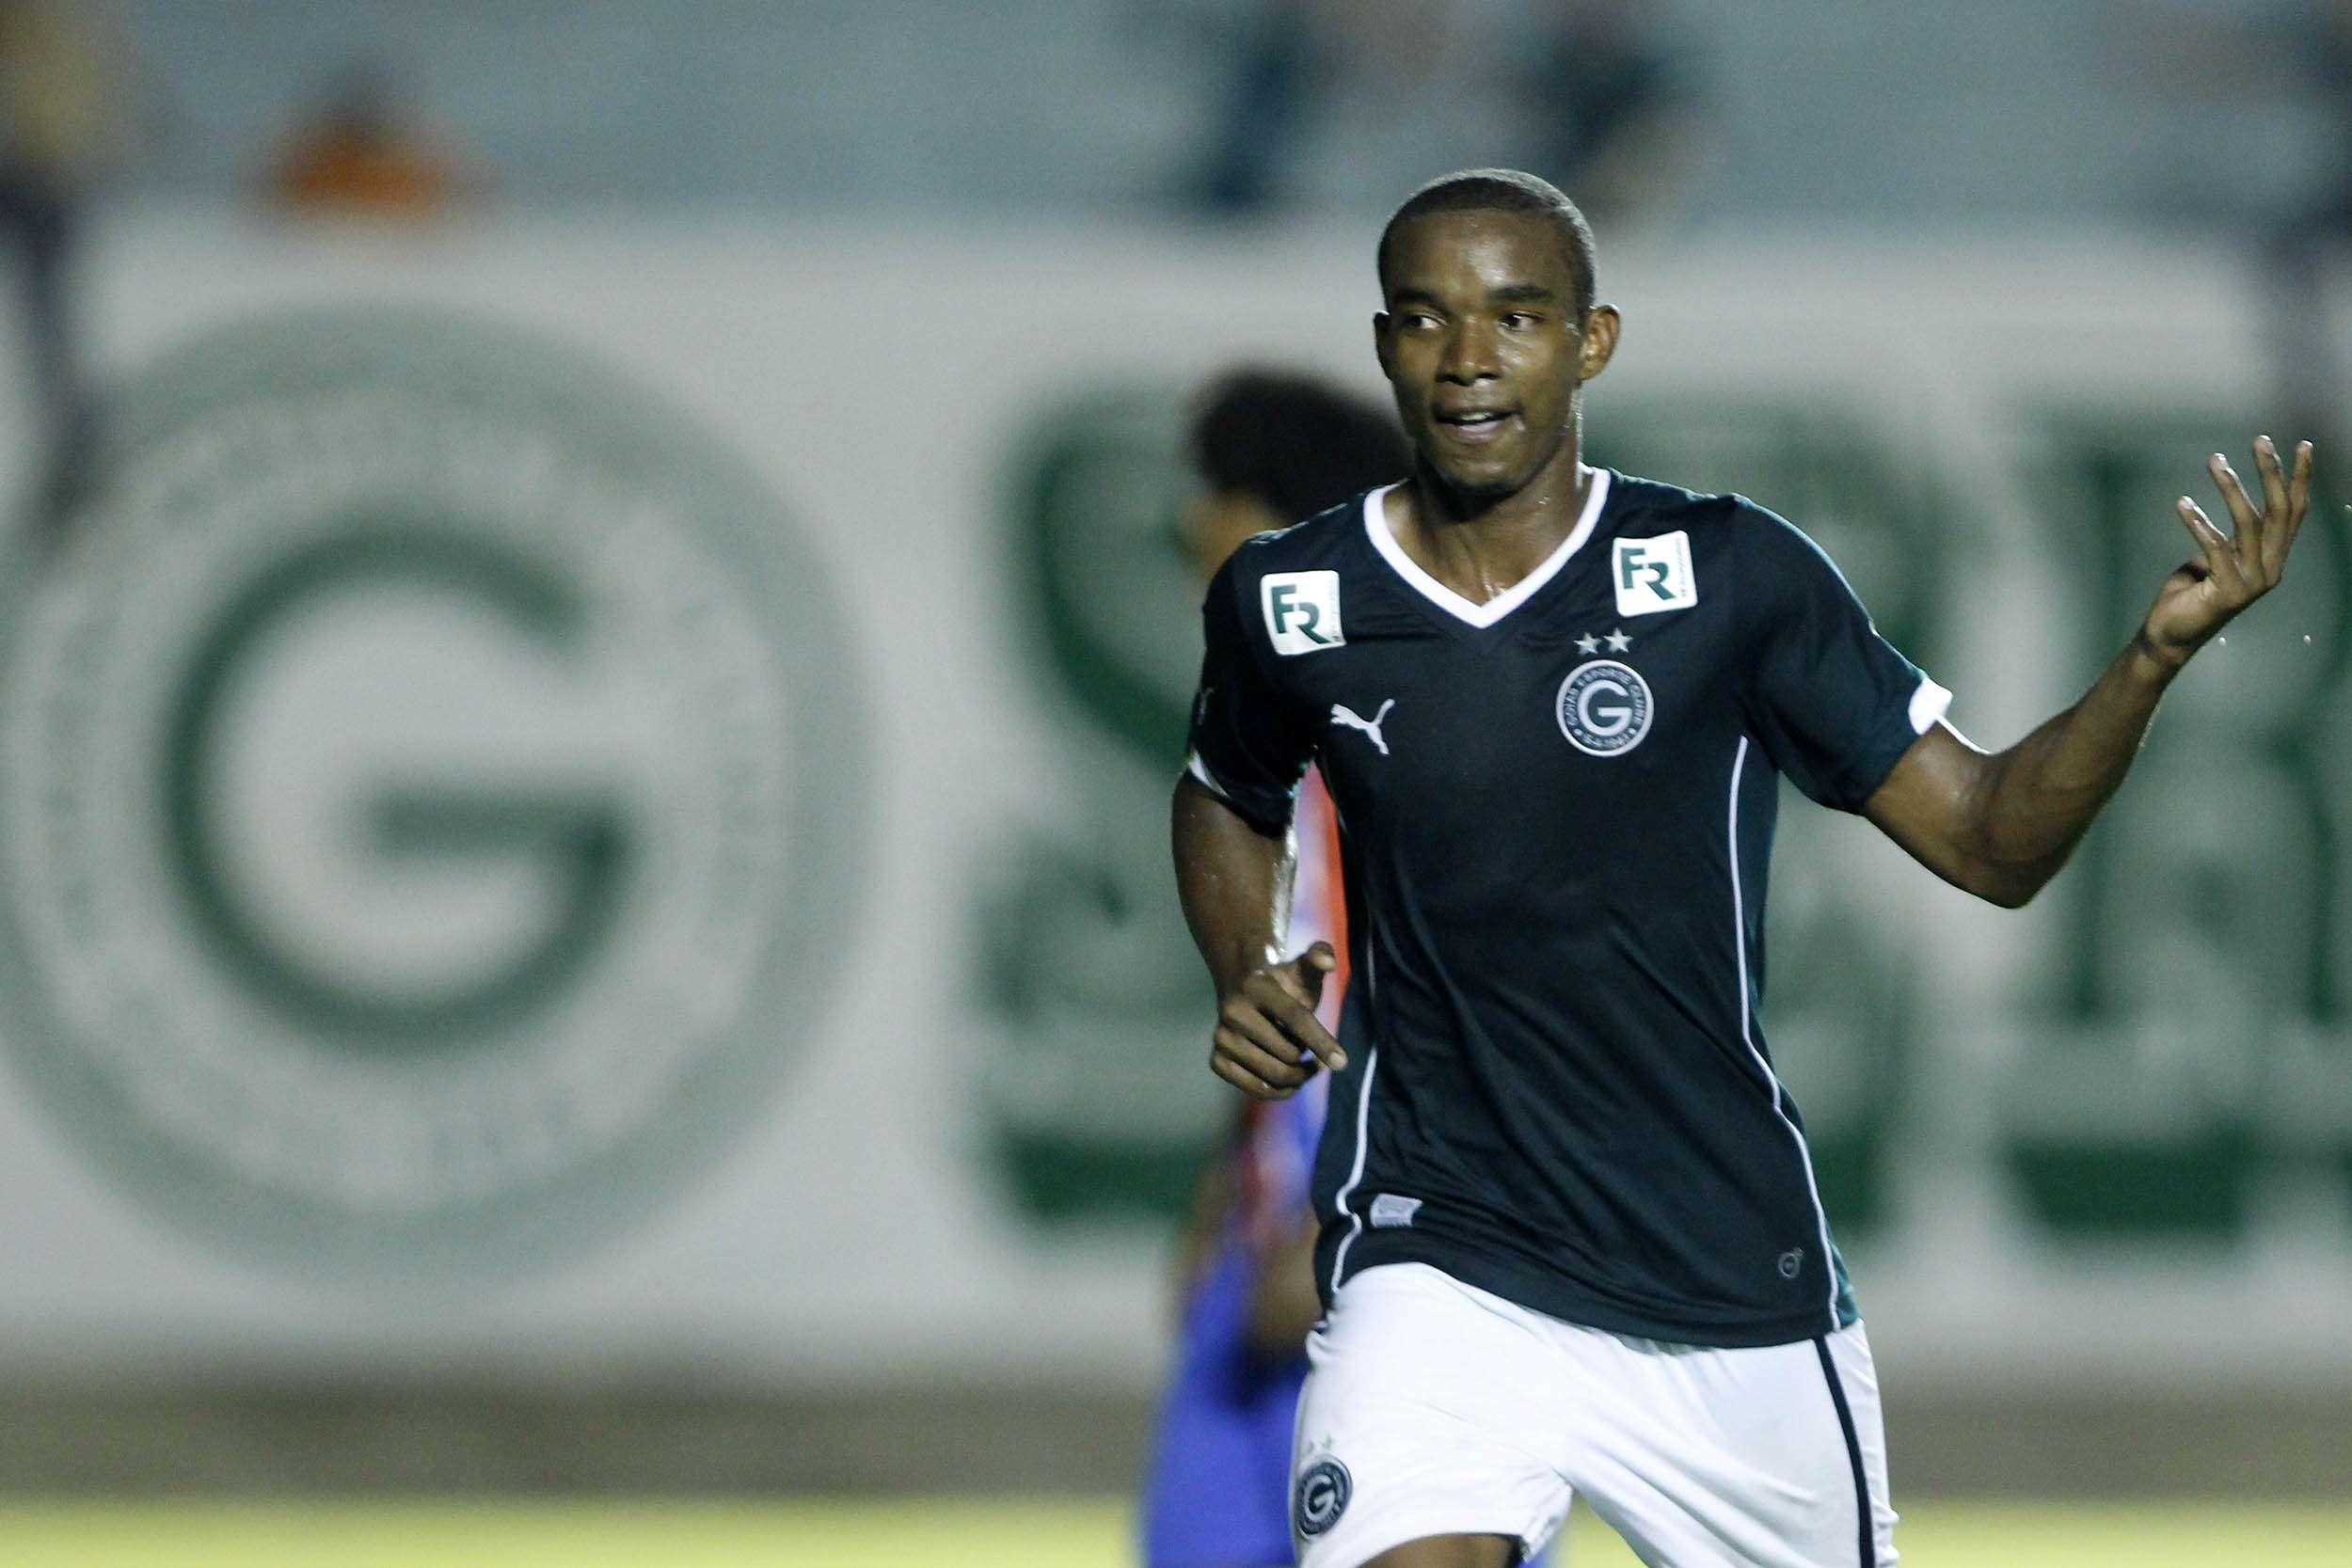 Thiago Mendes festeja gol de falta Foto: Adalberto Marques / Agif/Gazeta Press